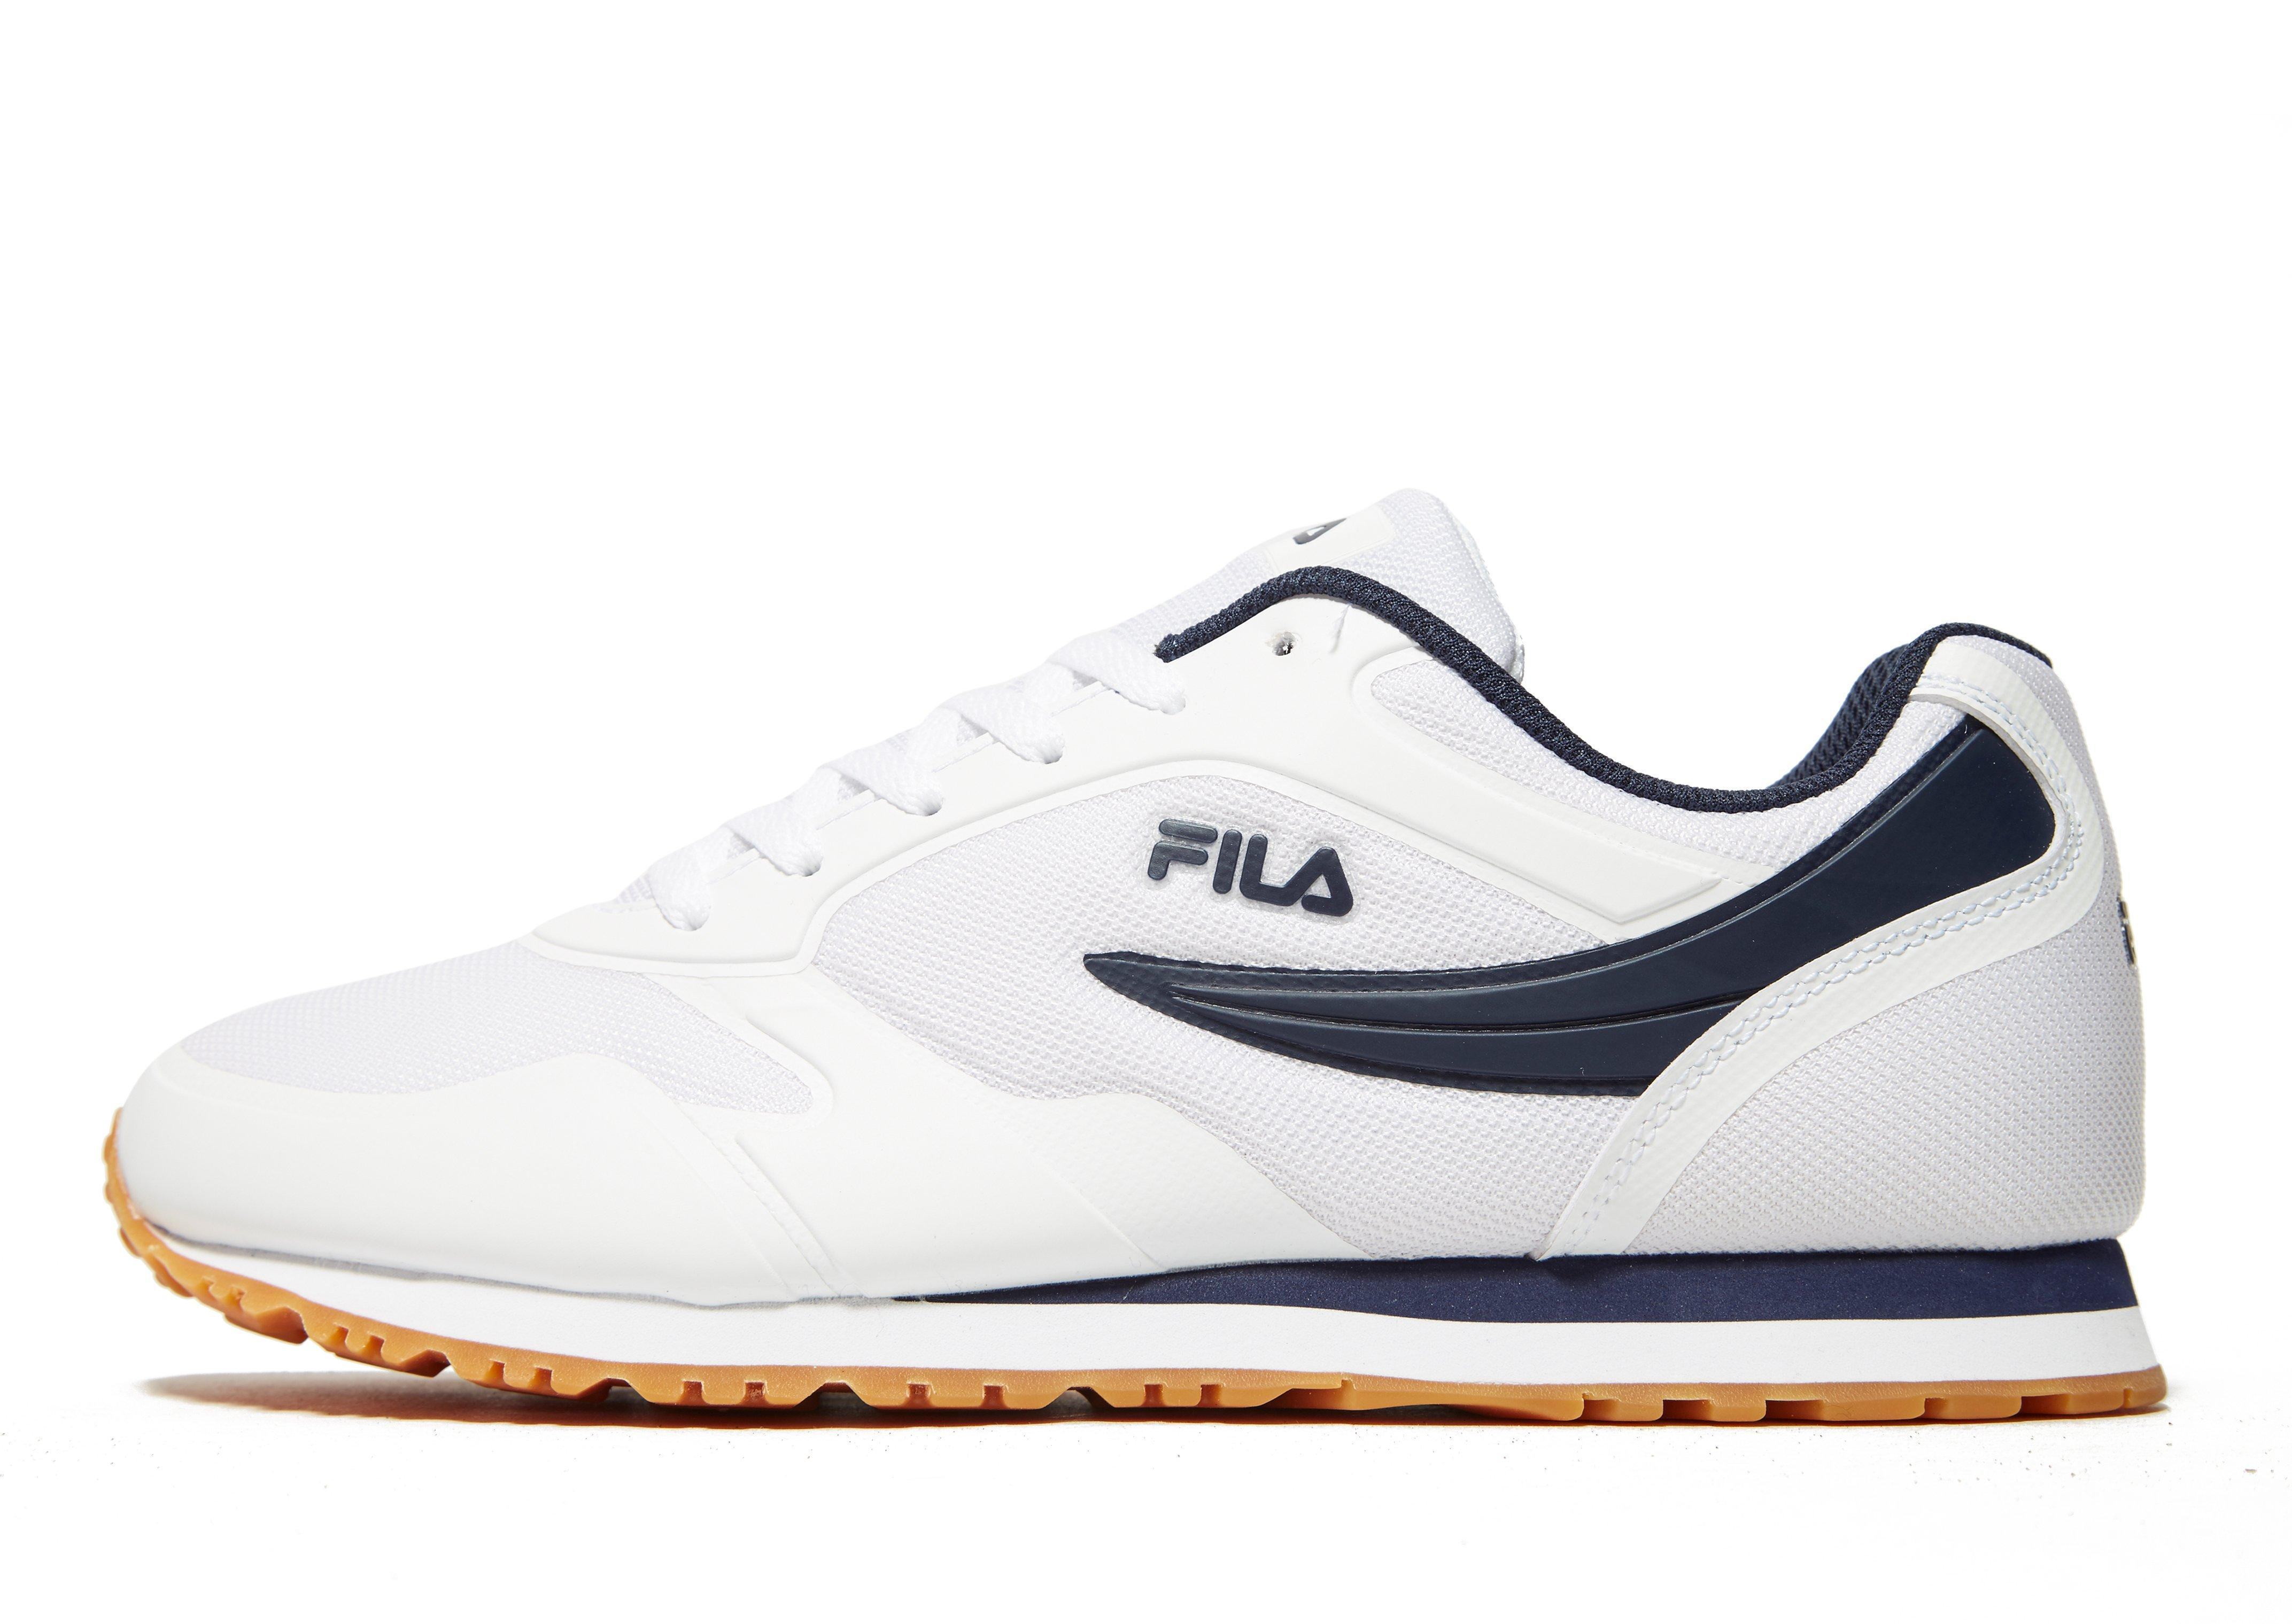 Fila Synthetic Forerunner in White/Navy